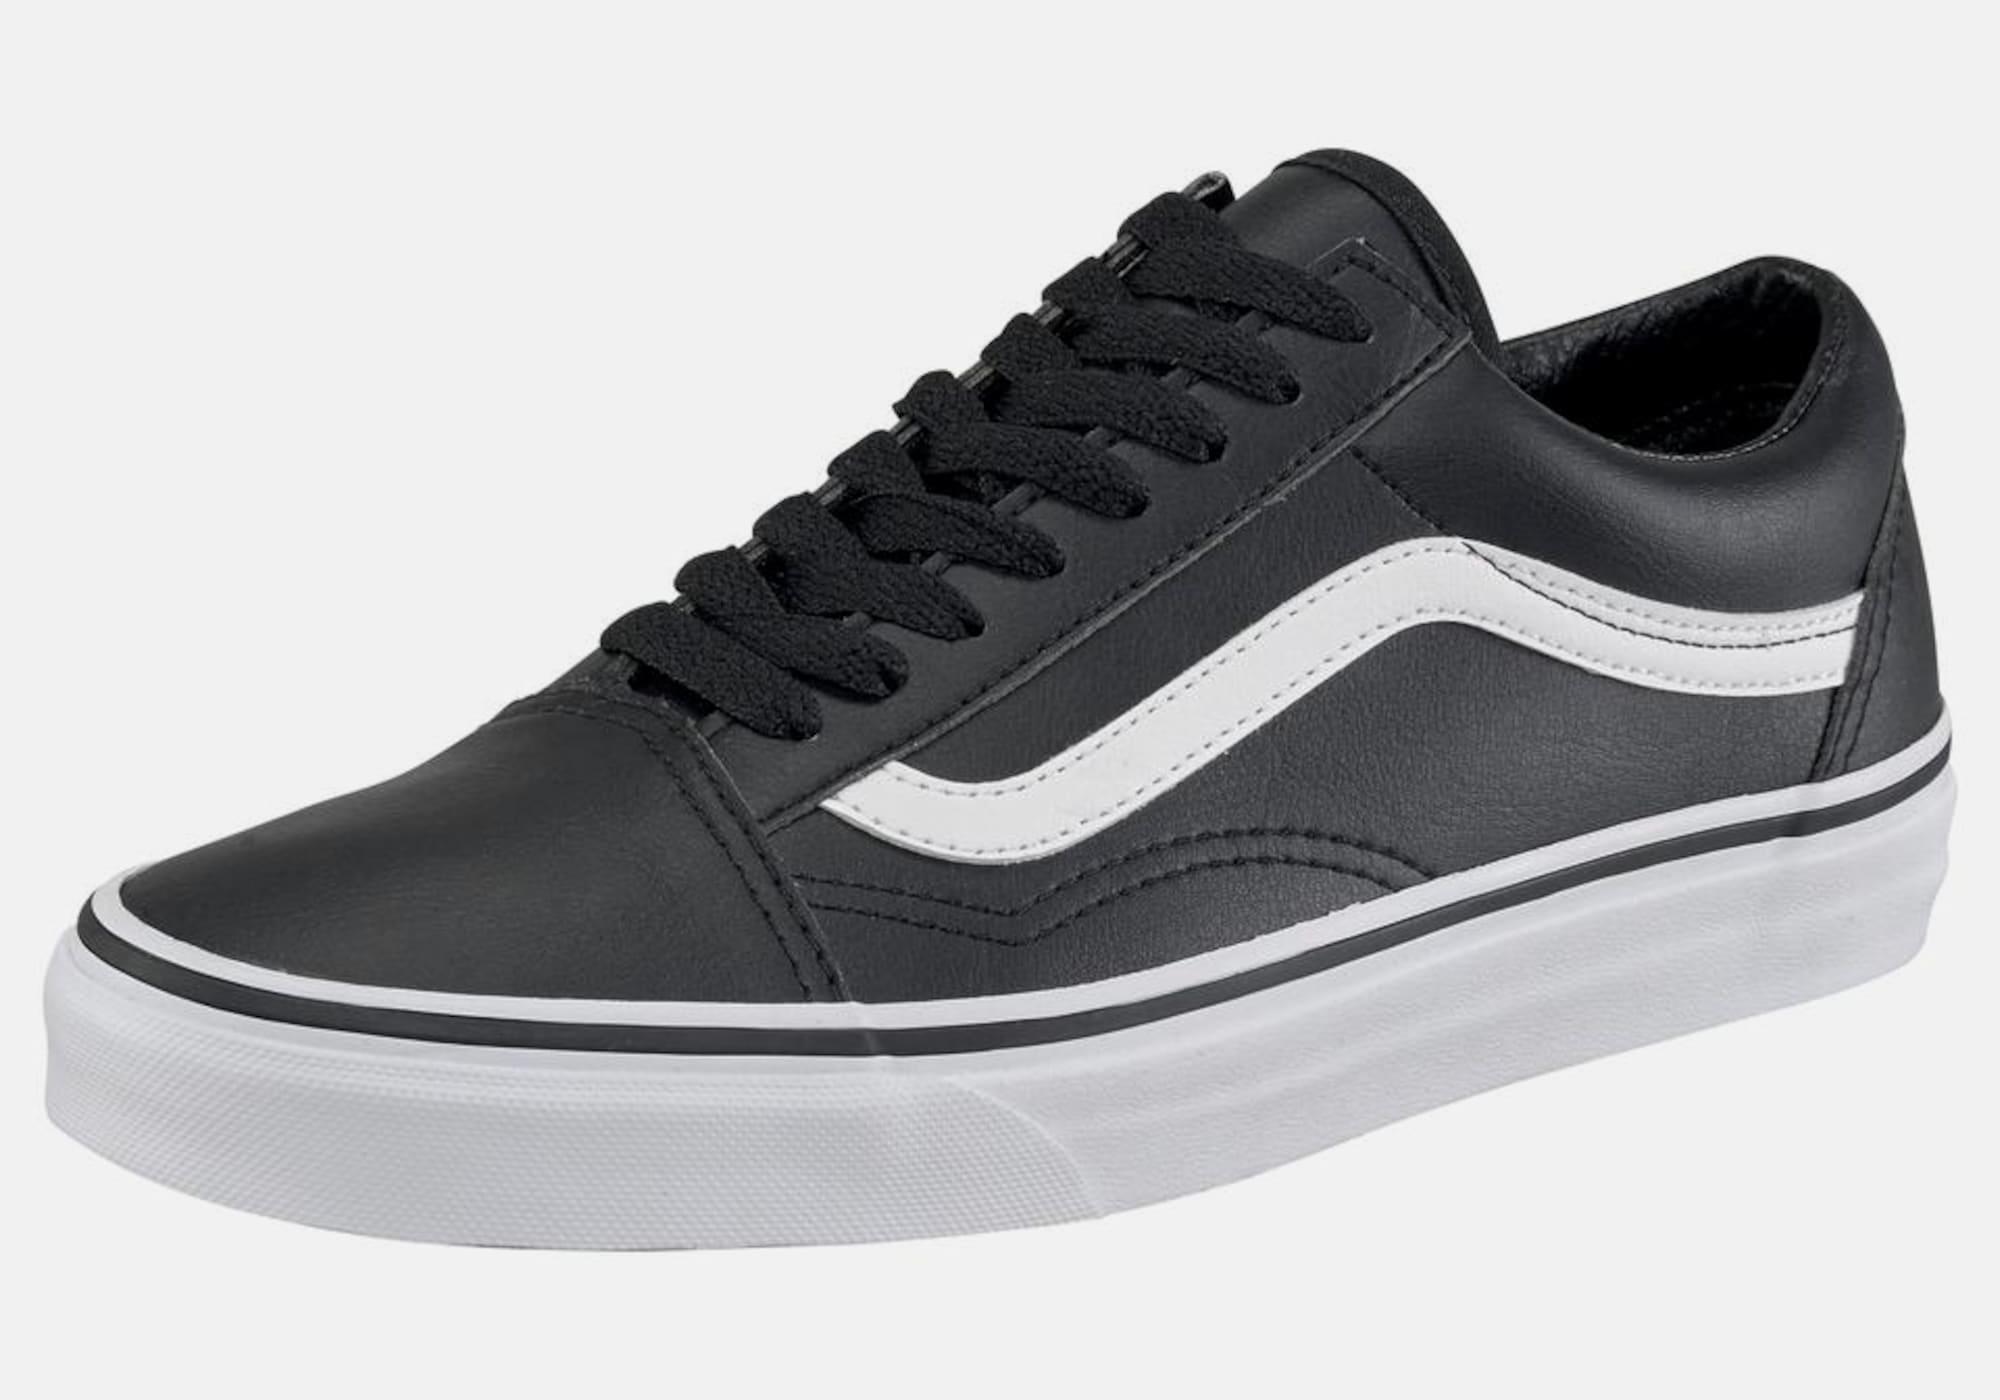 vans sneaker 39 old skool leather u 39 in schwarz about you. Black Bedroom Furniture Sets. Home Design Ideas